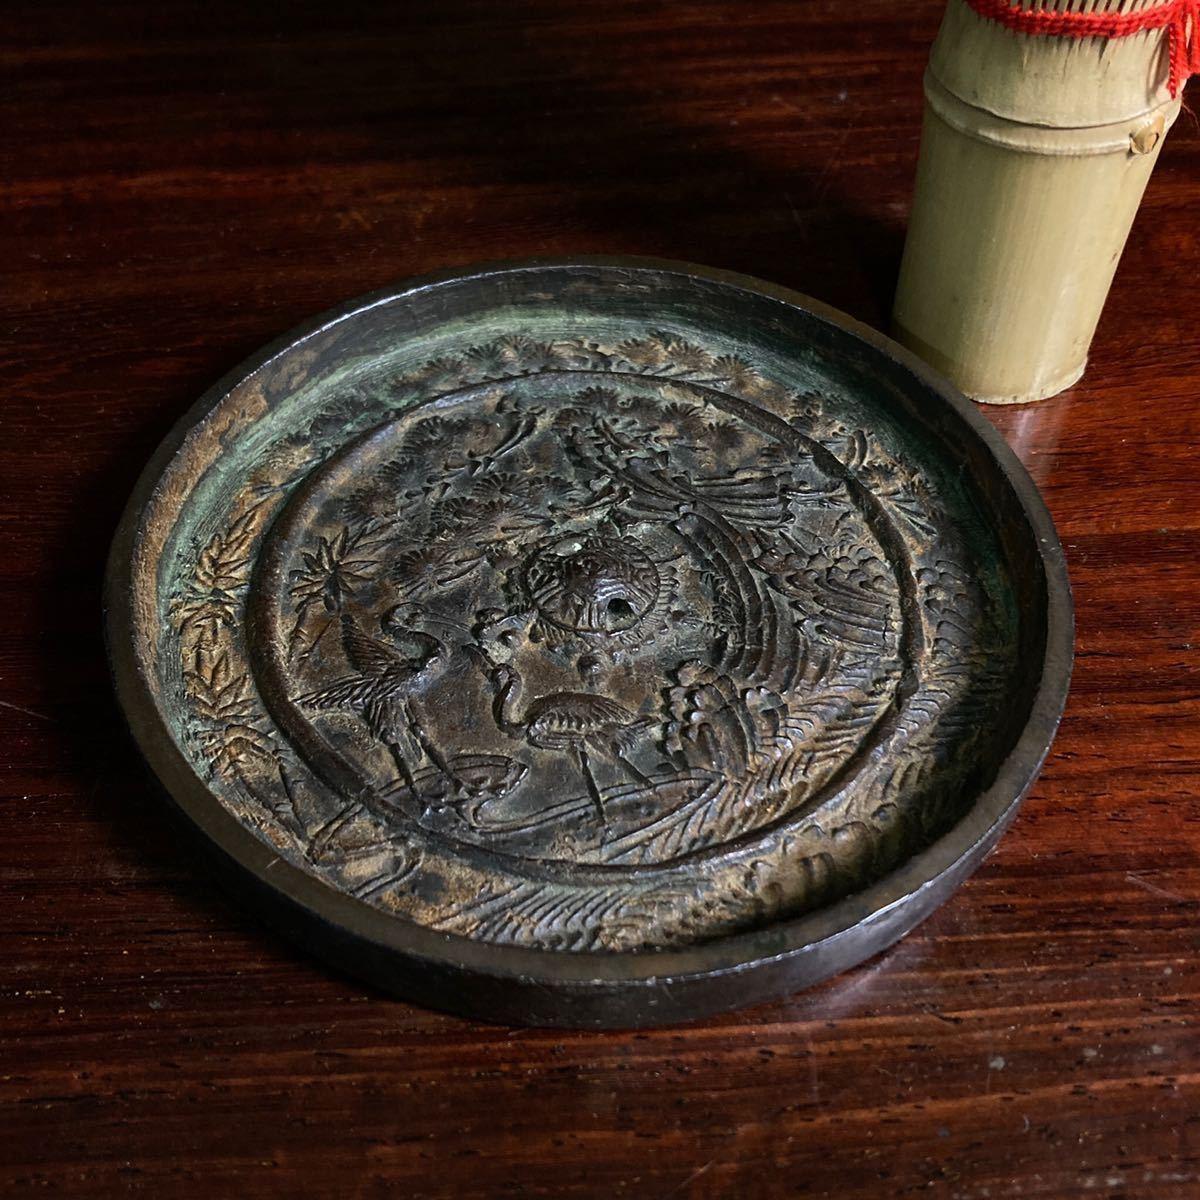 Y045Jr◆時代物◆亀鈕 松鶴図鏡 外径91 mm 銅鏡?蓬莱鏡?古鏡?和鏡?鶴亀図銅鏡?古銅鏡